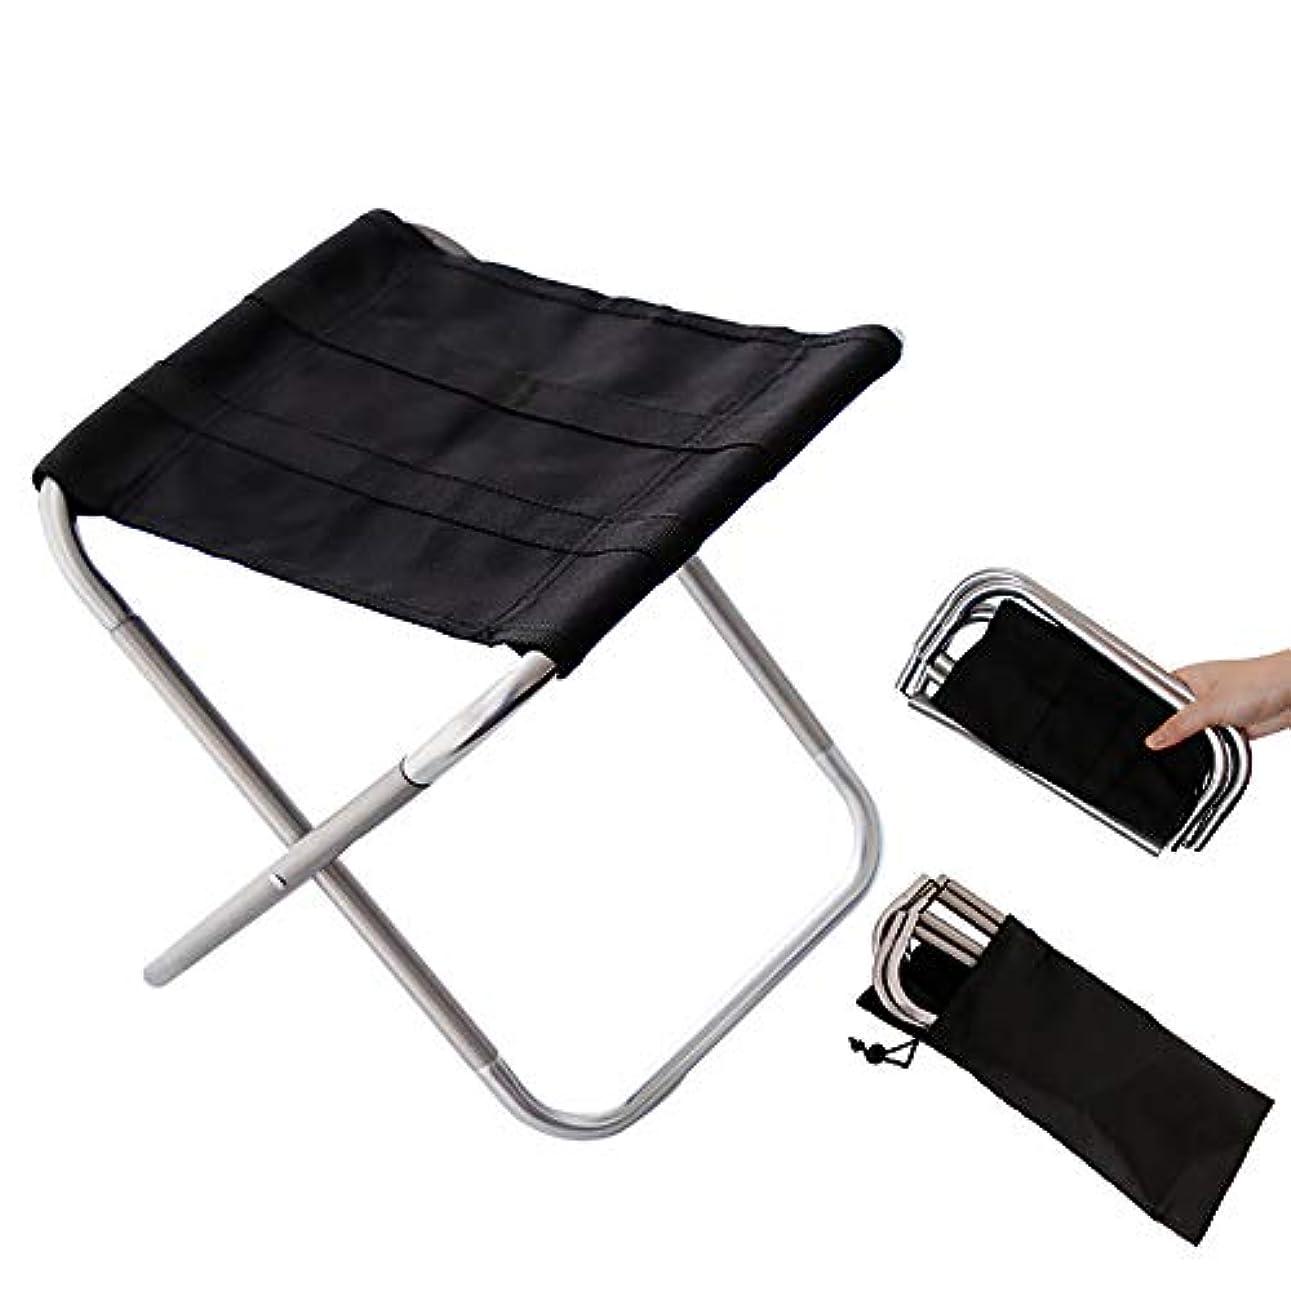 滝選ぶほとんどの場合(小さな幸運)アウトドアチェア 折りたたみ椅子 イス 持ち運び 収納バッグ付き 背もたれなし アウトドア用 折りたたみ式 キャンプ用品 ハイキング コンパクト 超軽量 お釣り 登山 携帯便利 4色